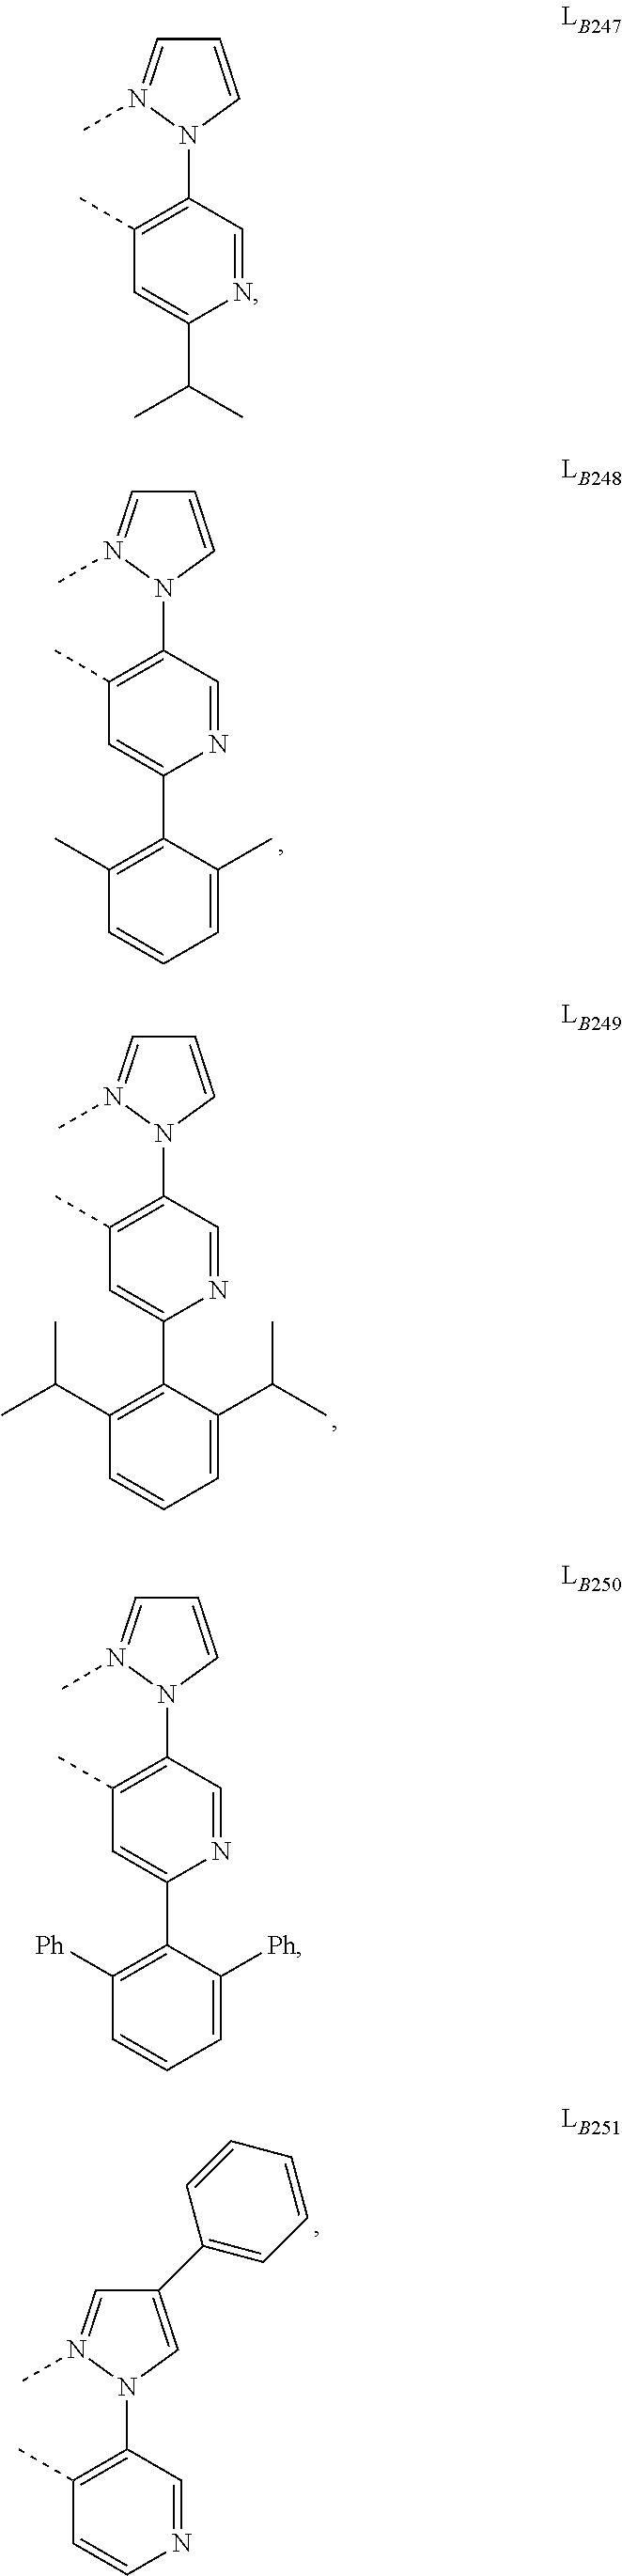 Figure US09905785-20180227-C00552